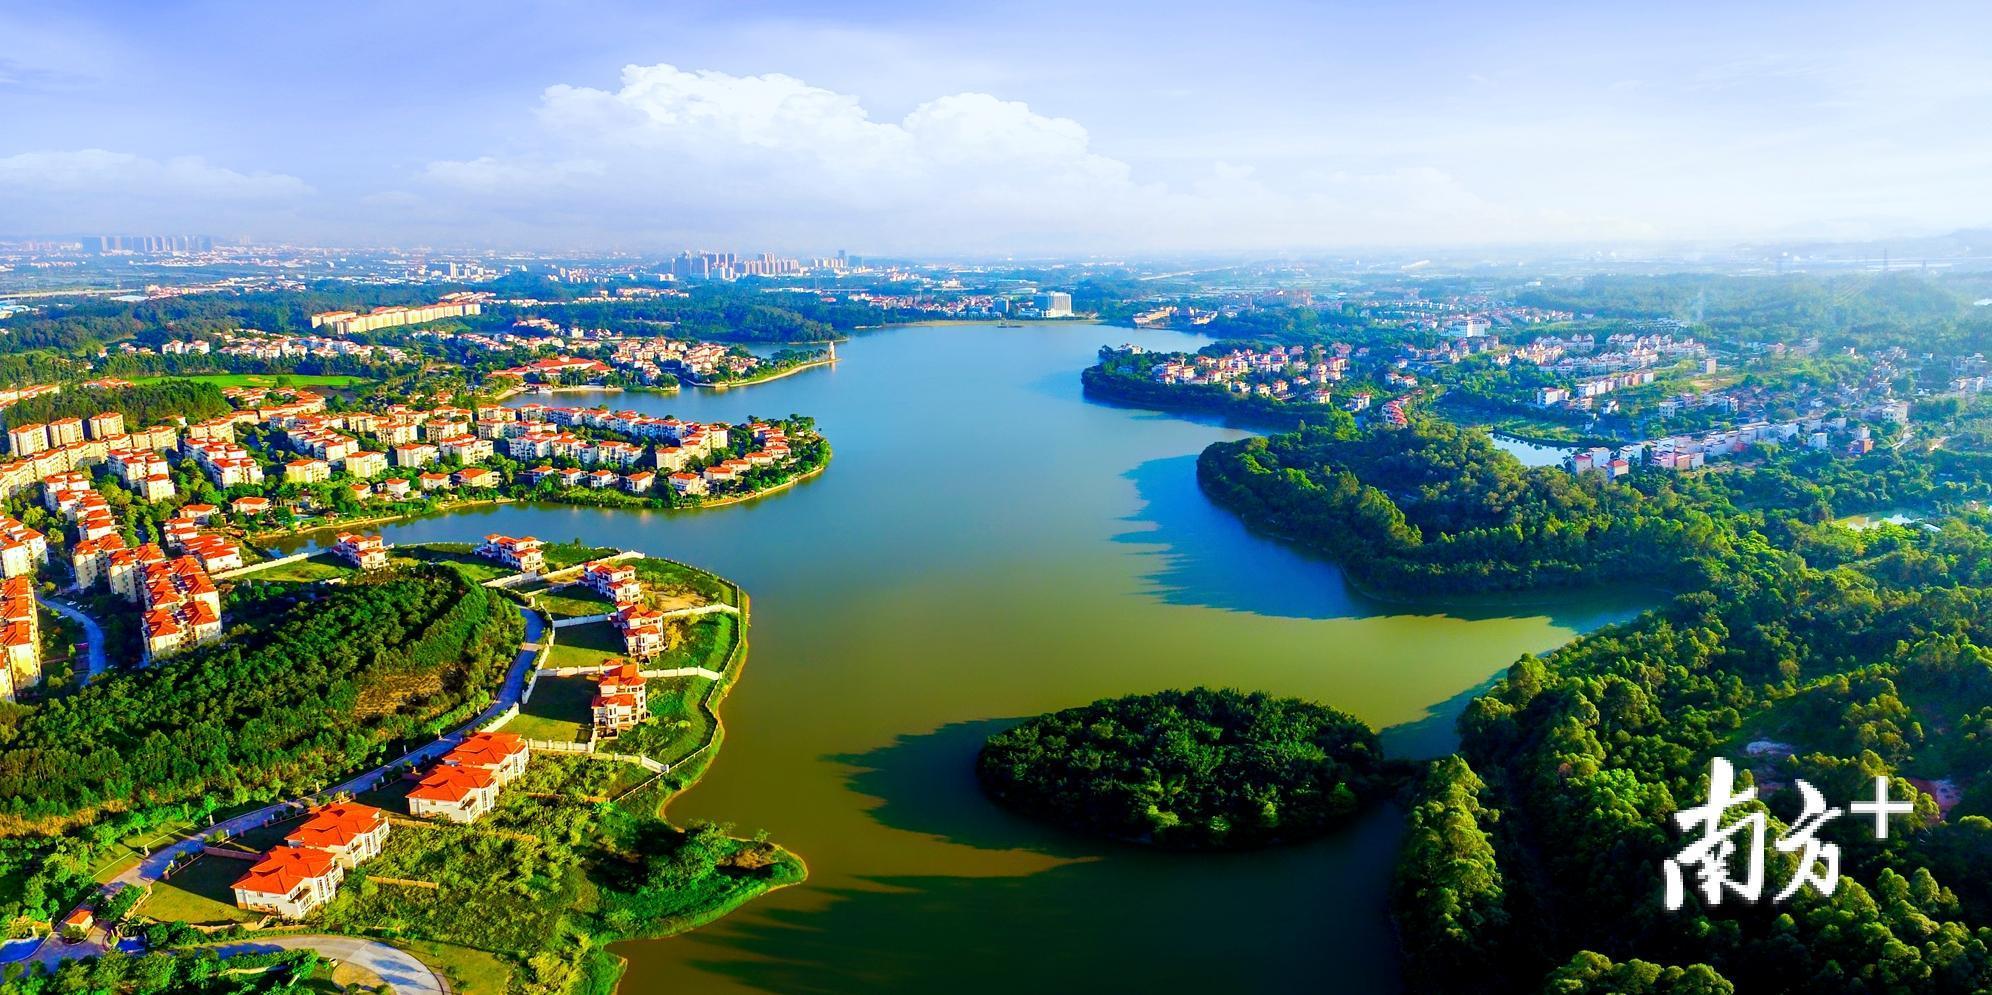 """2018年,仙湖氢谷正式启动,将力争成为中国重要的新能源汽车产业基地和氢能产业""""硅谷""""。丹灶镇宣传文体办供图"""